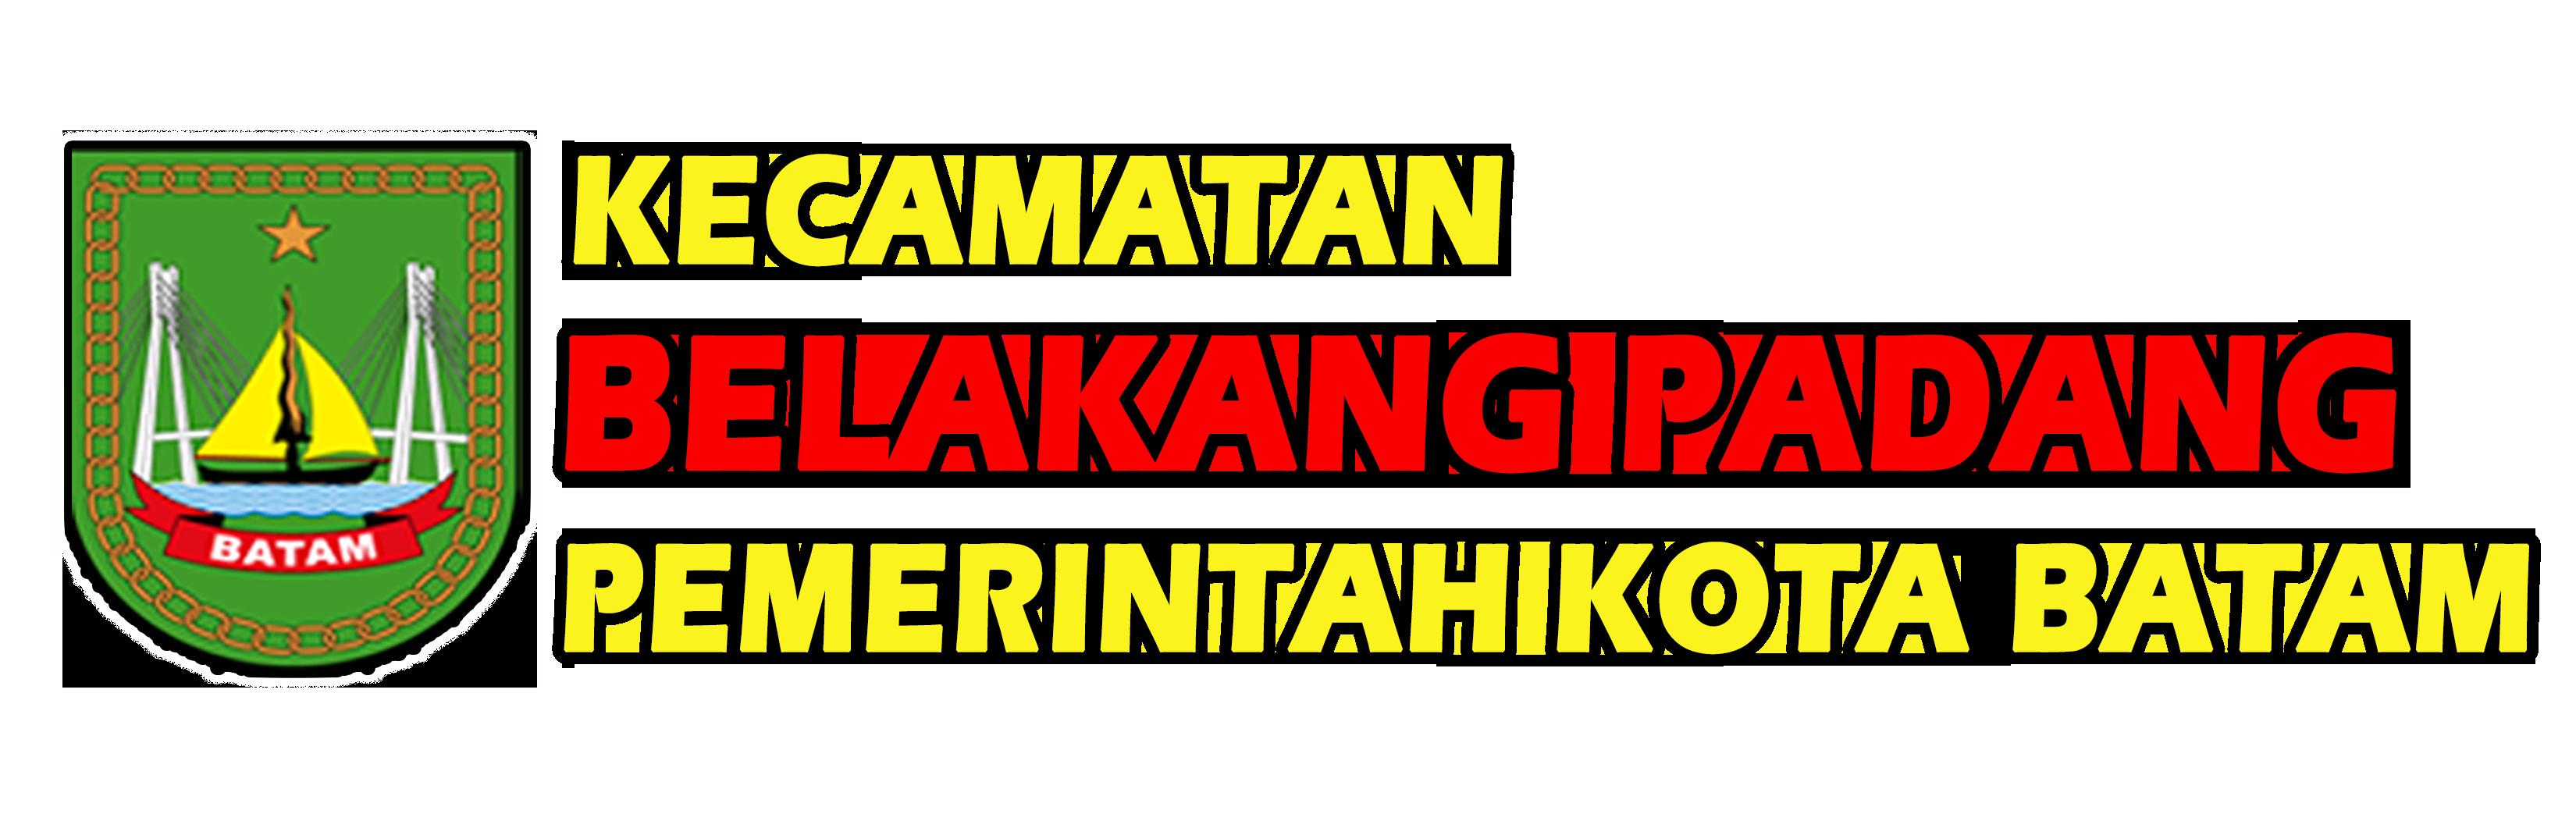 Kecamatan Belakang Padang